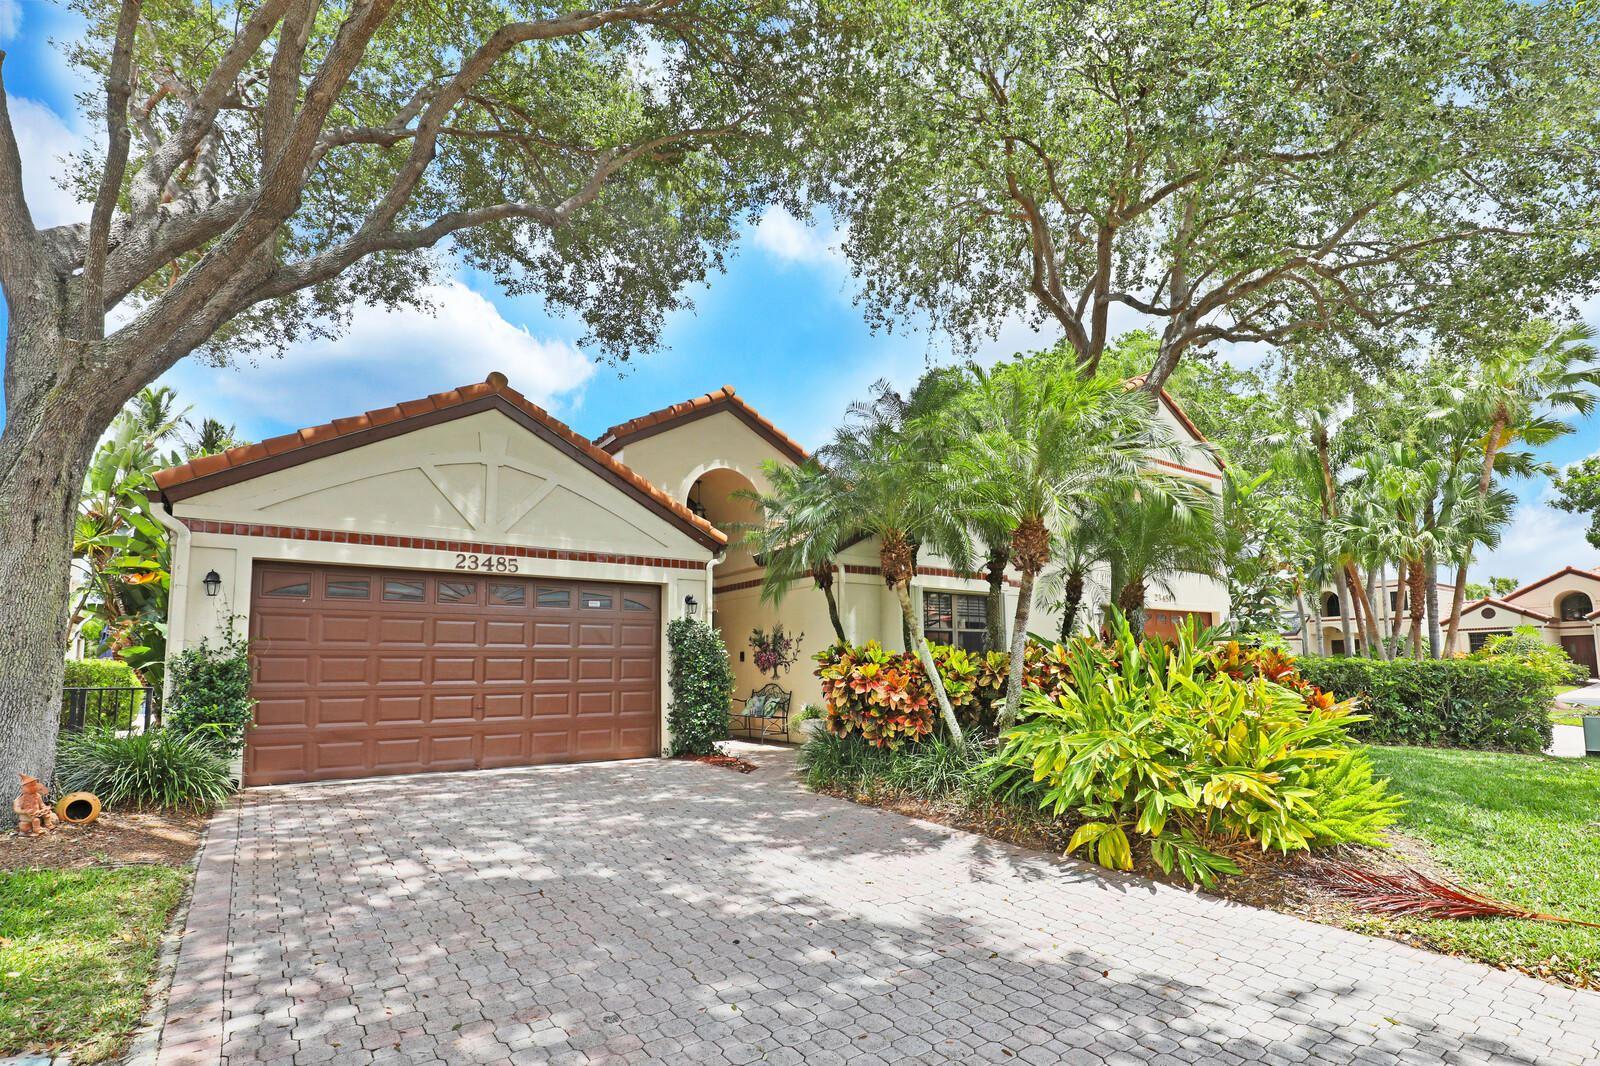 23485 S Mirabella Circle South, Boca Raton, FL 33433 - #: RX-10720931